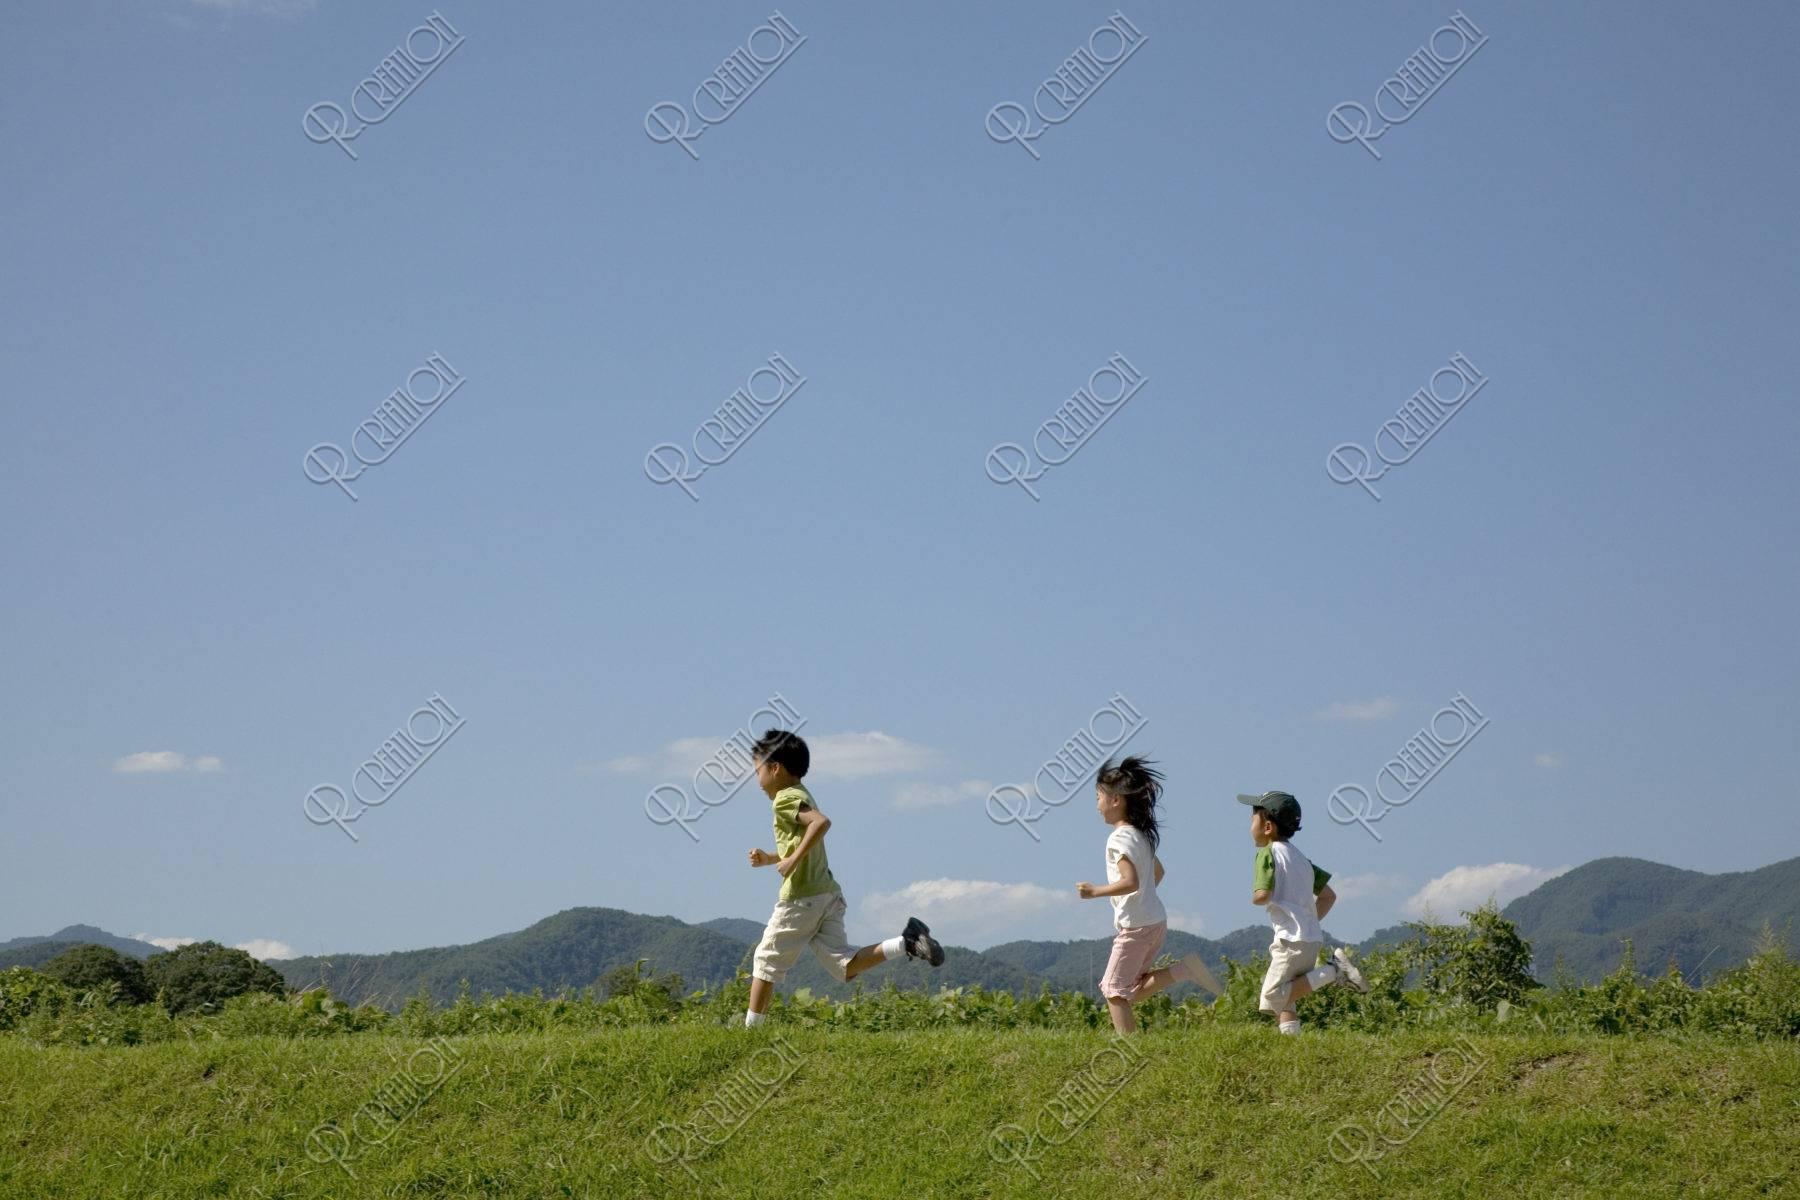 土手を走る子供達